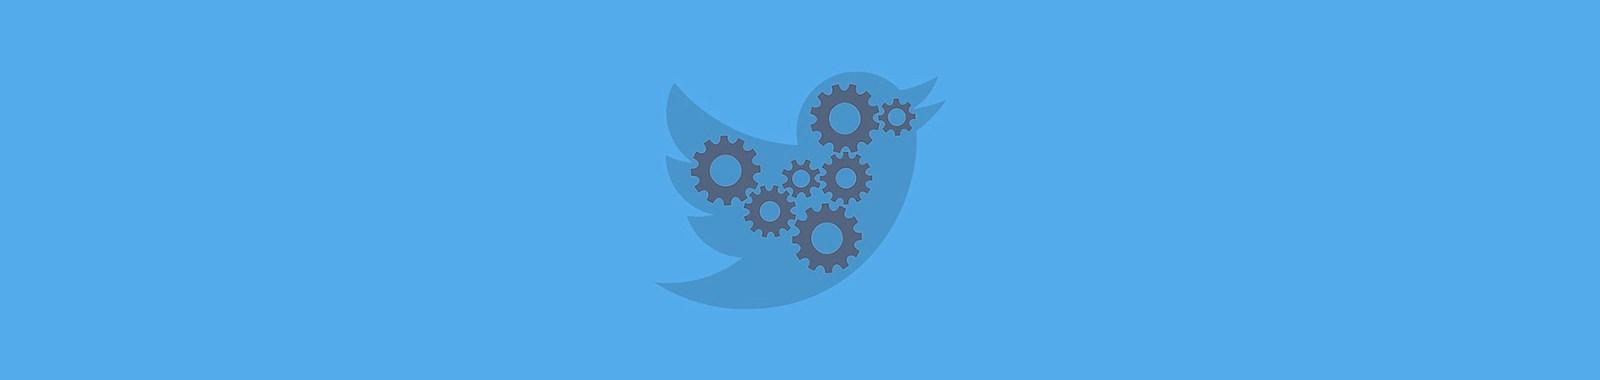 twitter-gears-eye